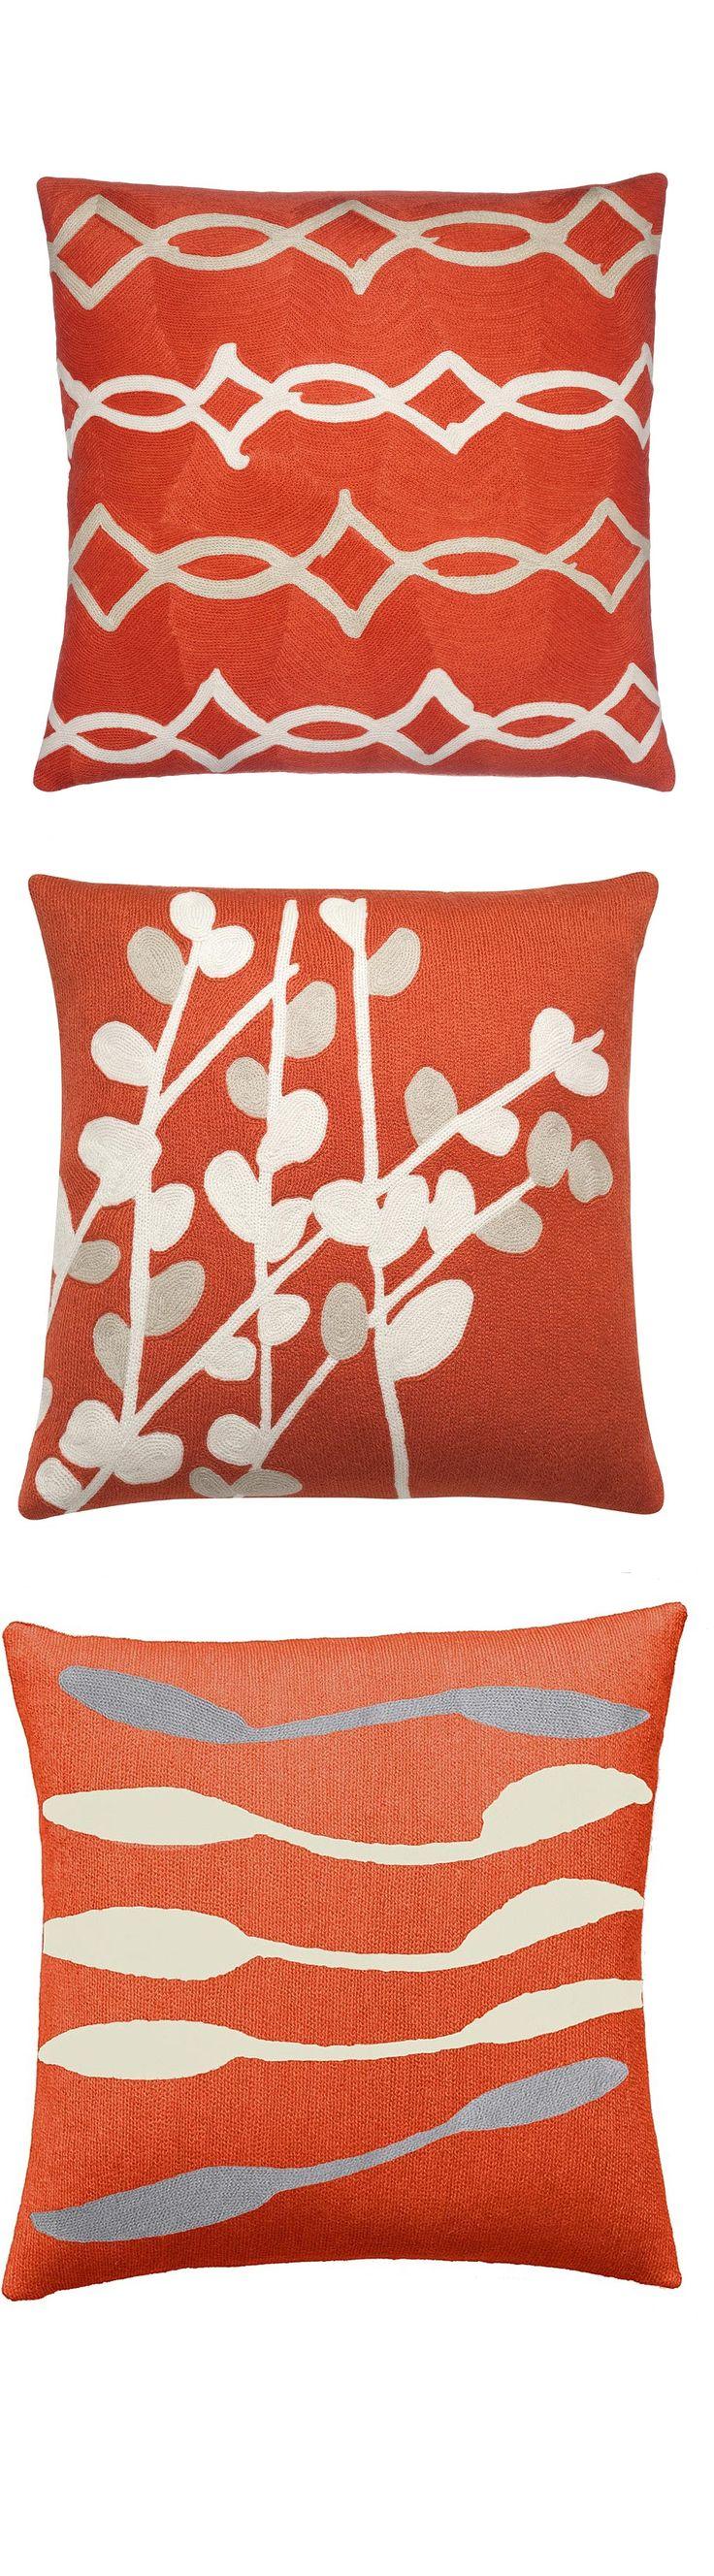 """""""orange pillows"""" """"orange throw pillows"""" """"orange modern pillows"""" By InStyle-Decor.com Hollywood, orange couch pillow, orange couch pillows, orange pillow cases, orange pillows shams, orange pillow covers, orange decorative pillows, decorative orange pillows, modern orange pillow, modern orange pillows, contemporary orange pillow, contemporary orange pillows, decorative pillows, decorative pillows for sofa, decorative pillows for bed, throw pillows, throw pillows for sofa, pillow ideas, from…"""